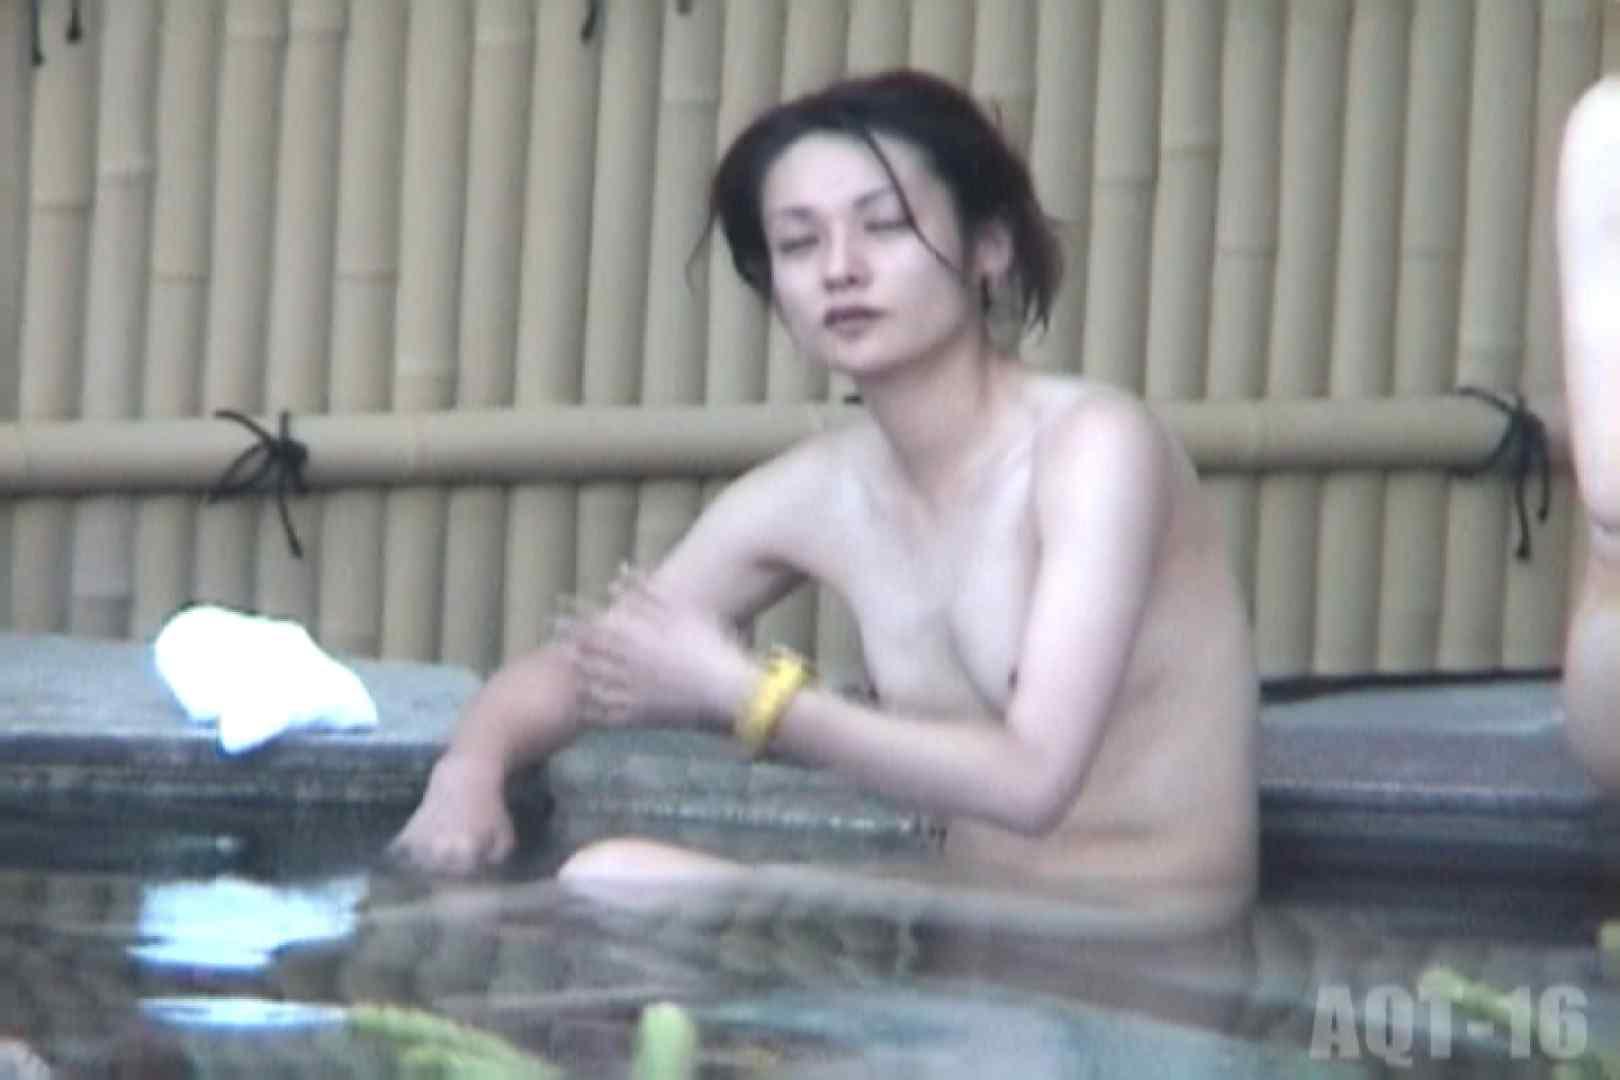 Aquaな露天風呂Vol.839 盗撮師作品 | 美しいOLの裸体  96pic 64